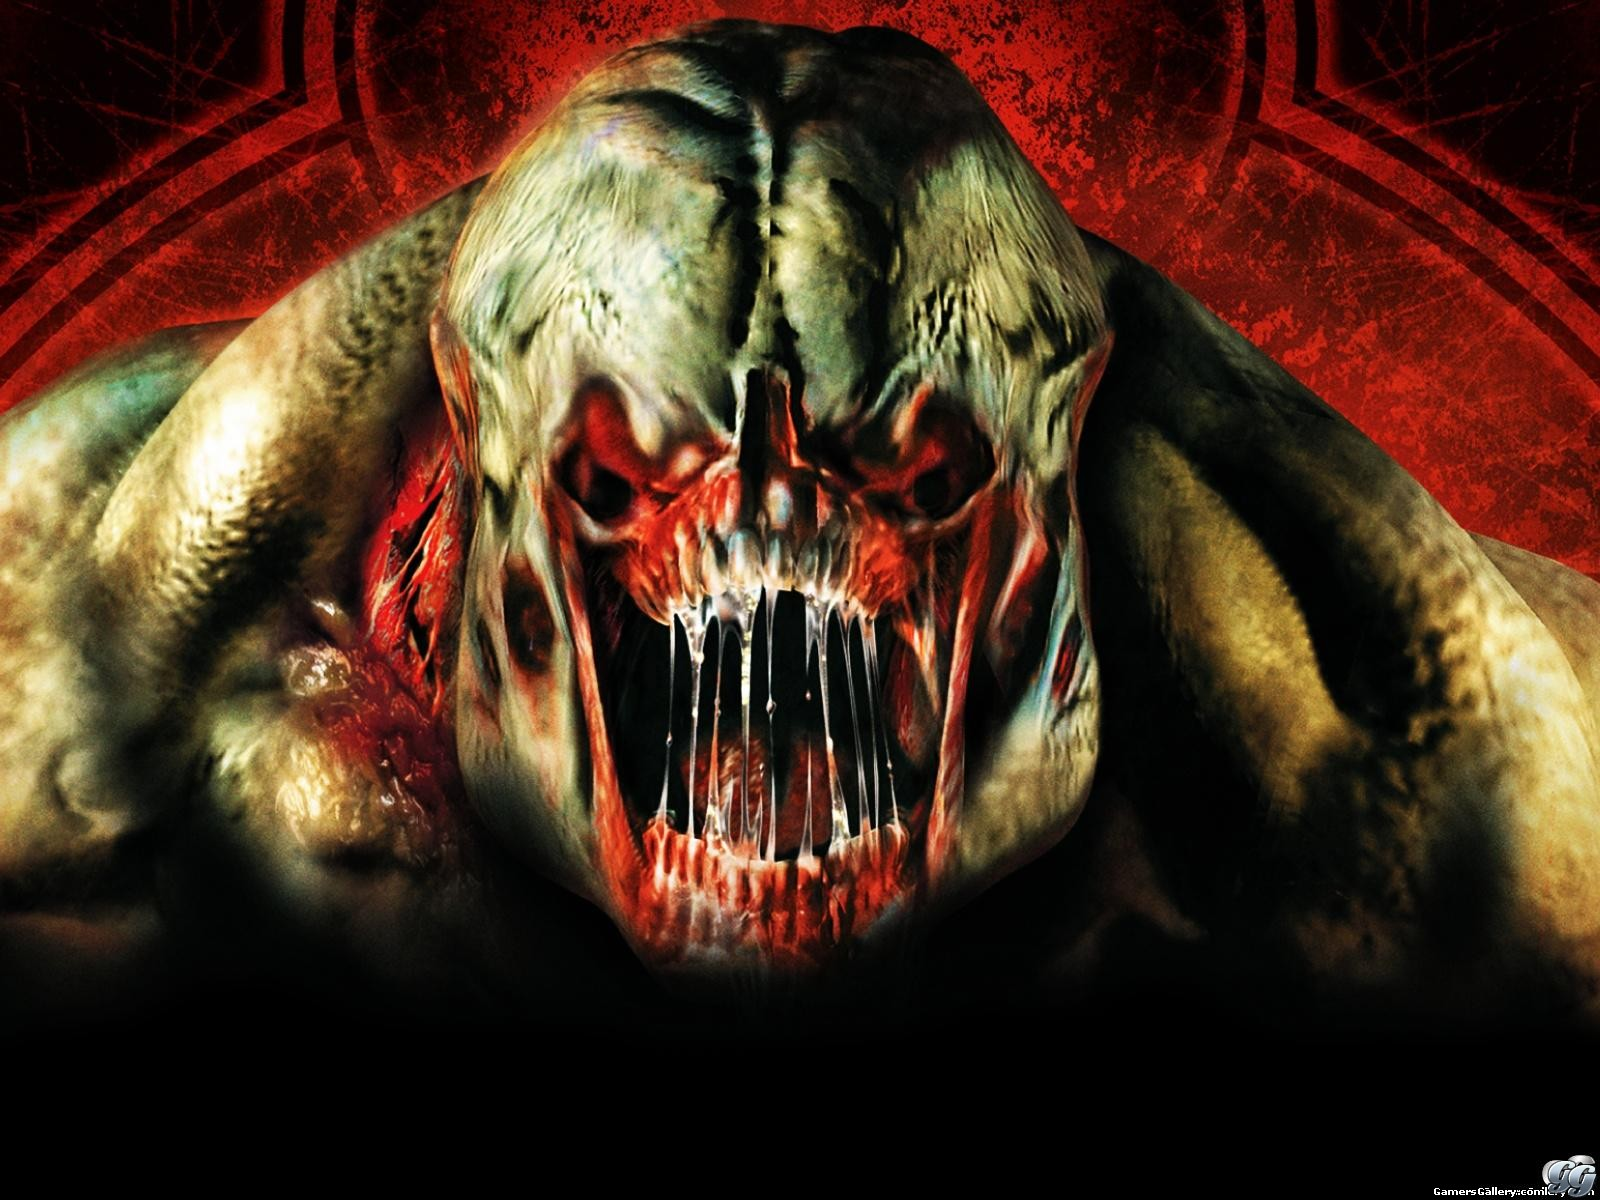 Doom 3 Wallpapers Desktop Backgrounds 1600x1200